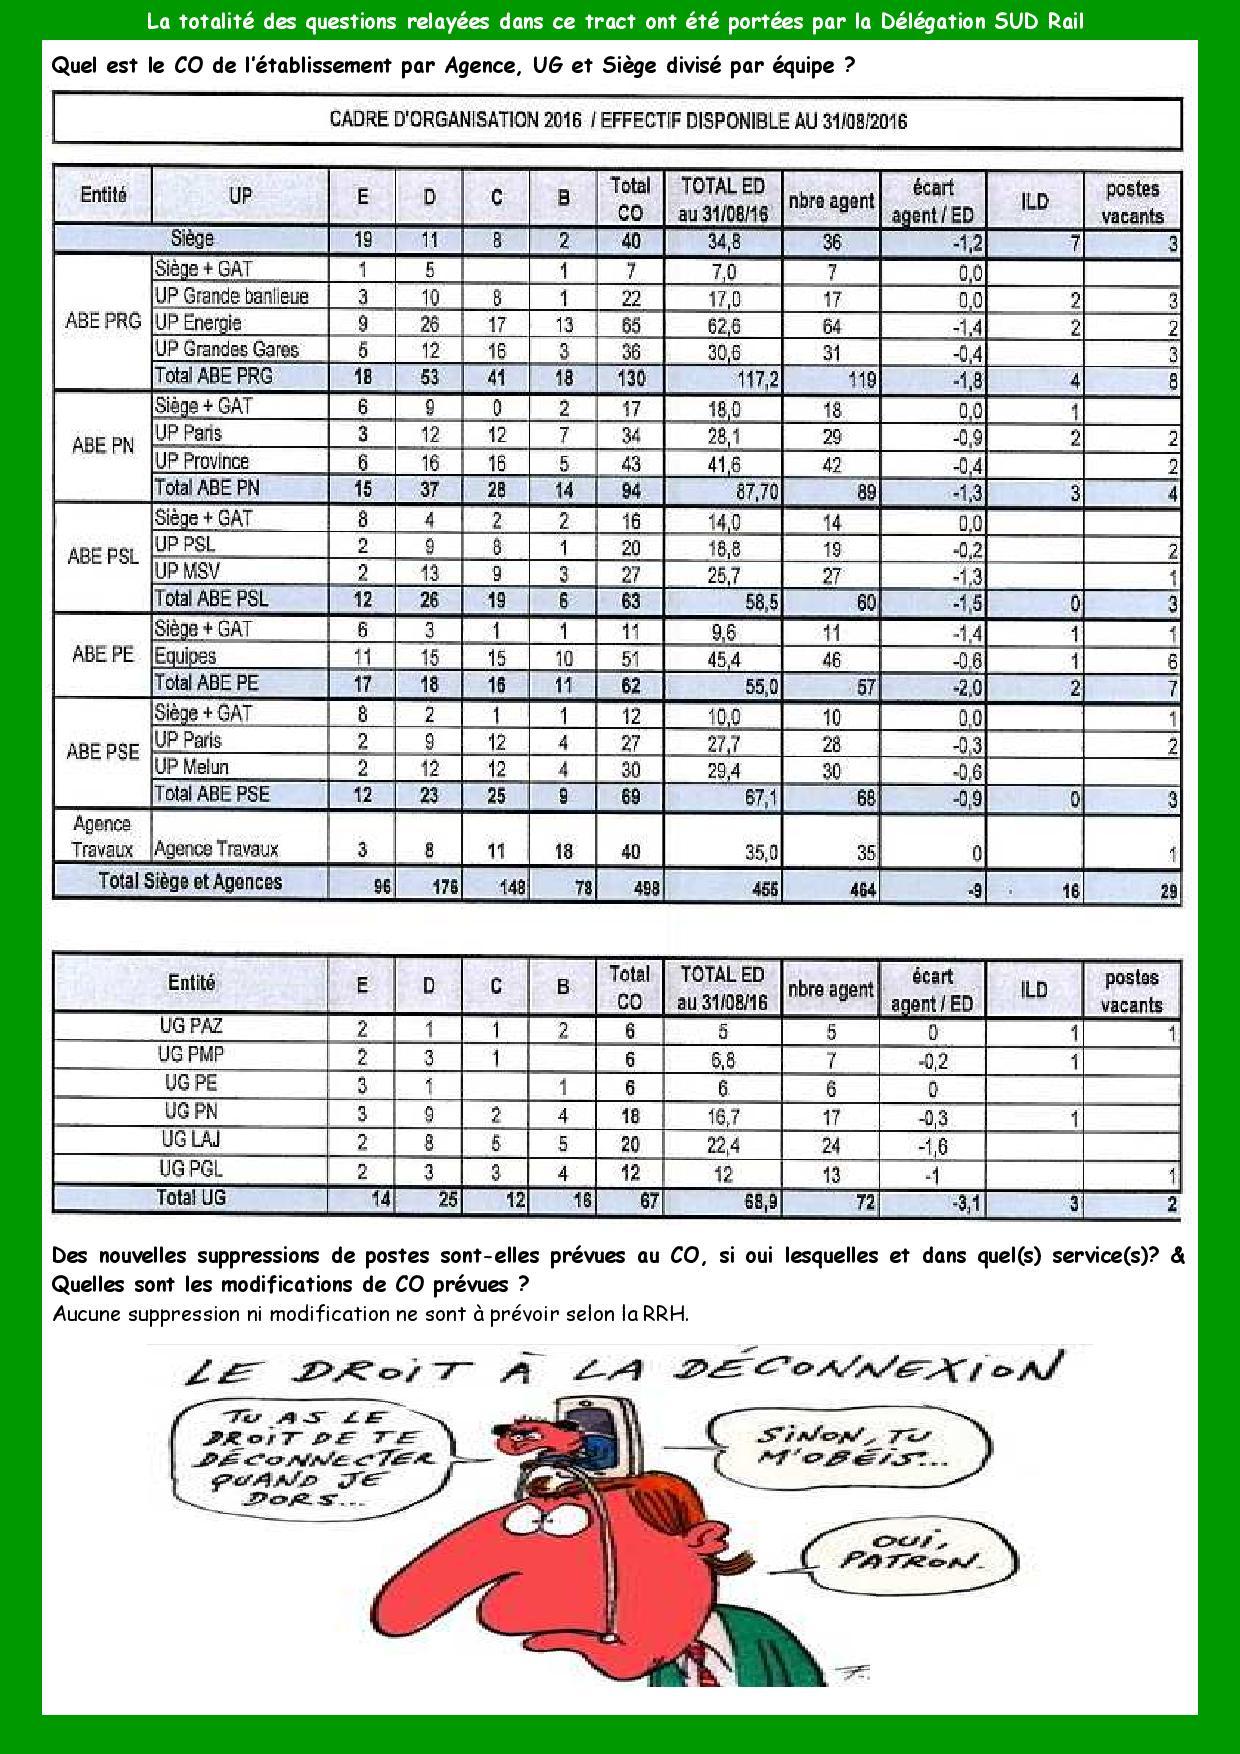 cr-dp-tgidf-22-09-16-page-003